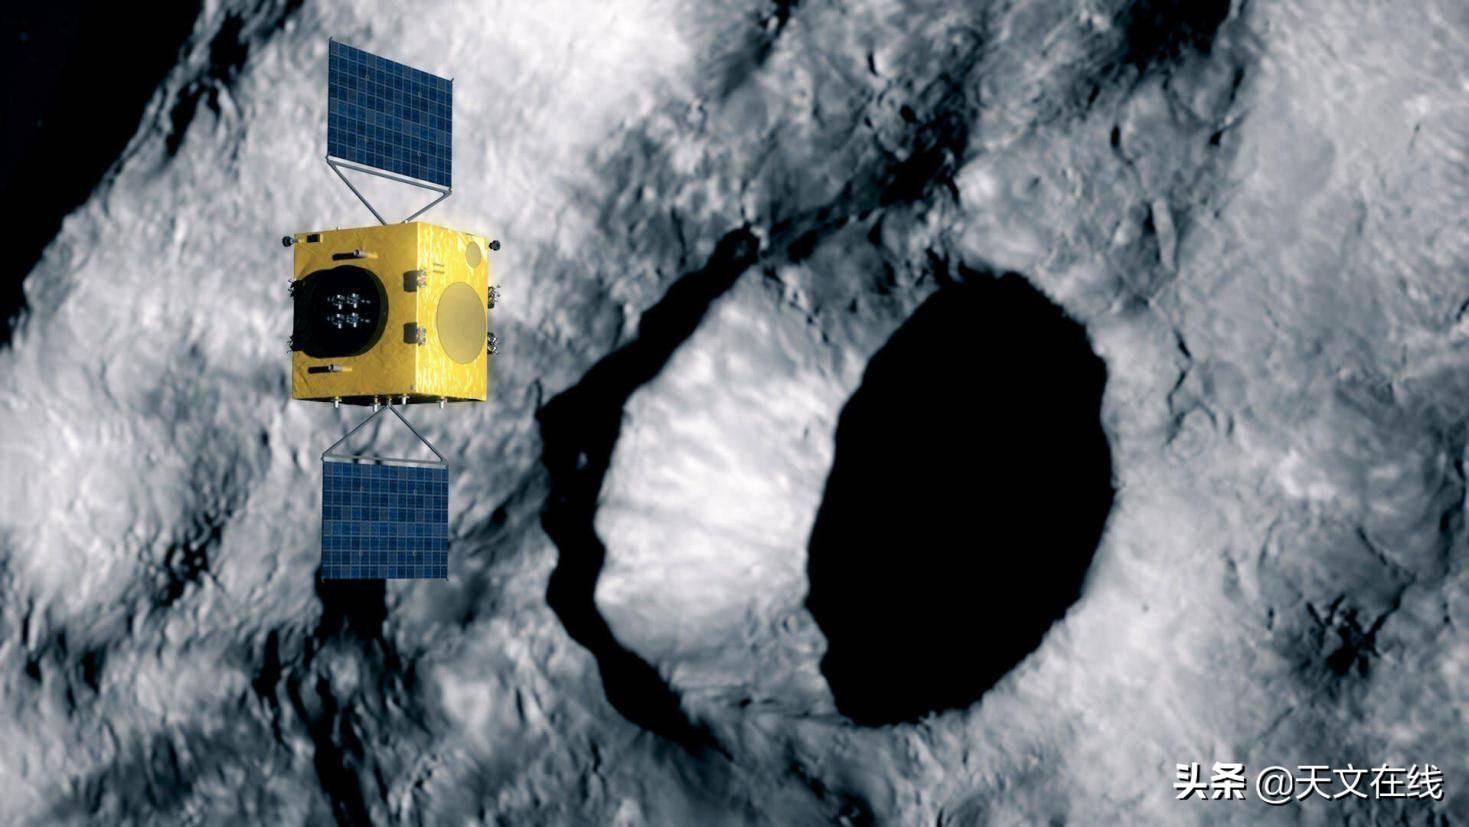 小行星航天器碰撞研究任务在欧洲正式启动